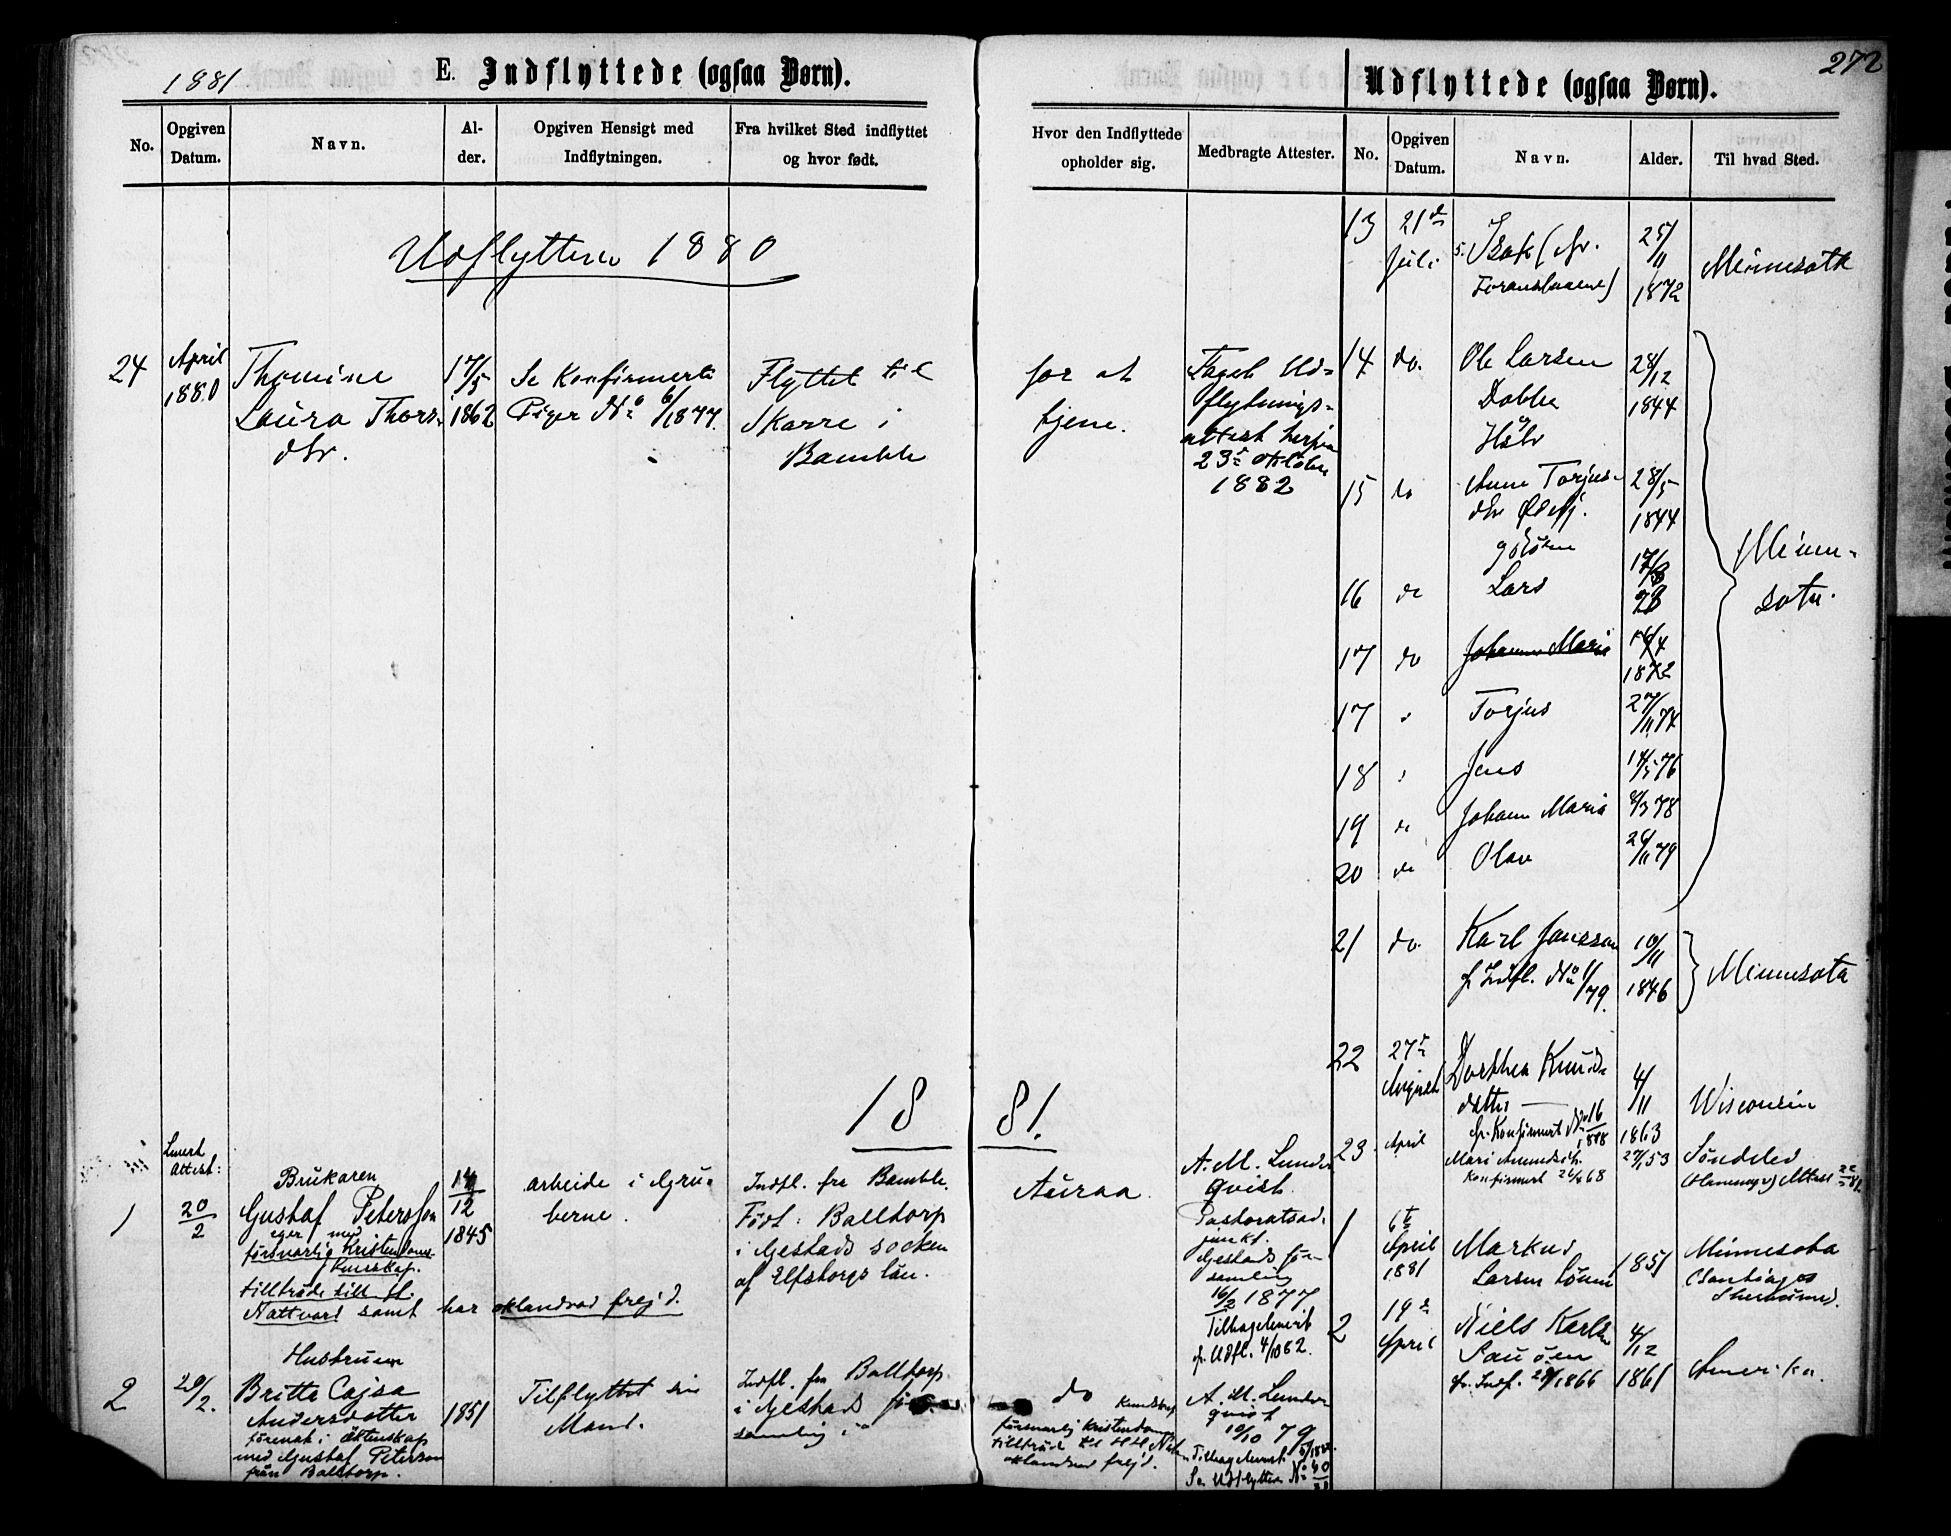 SAKO, Sannidal kirkebøker, F/Fa/L0014: Ministerialbok nr. 14, 1874-1883, s. 272